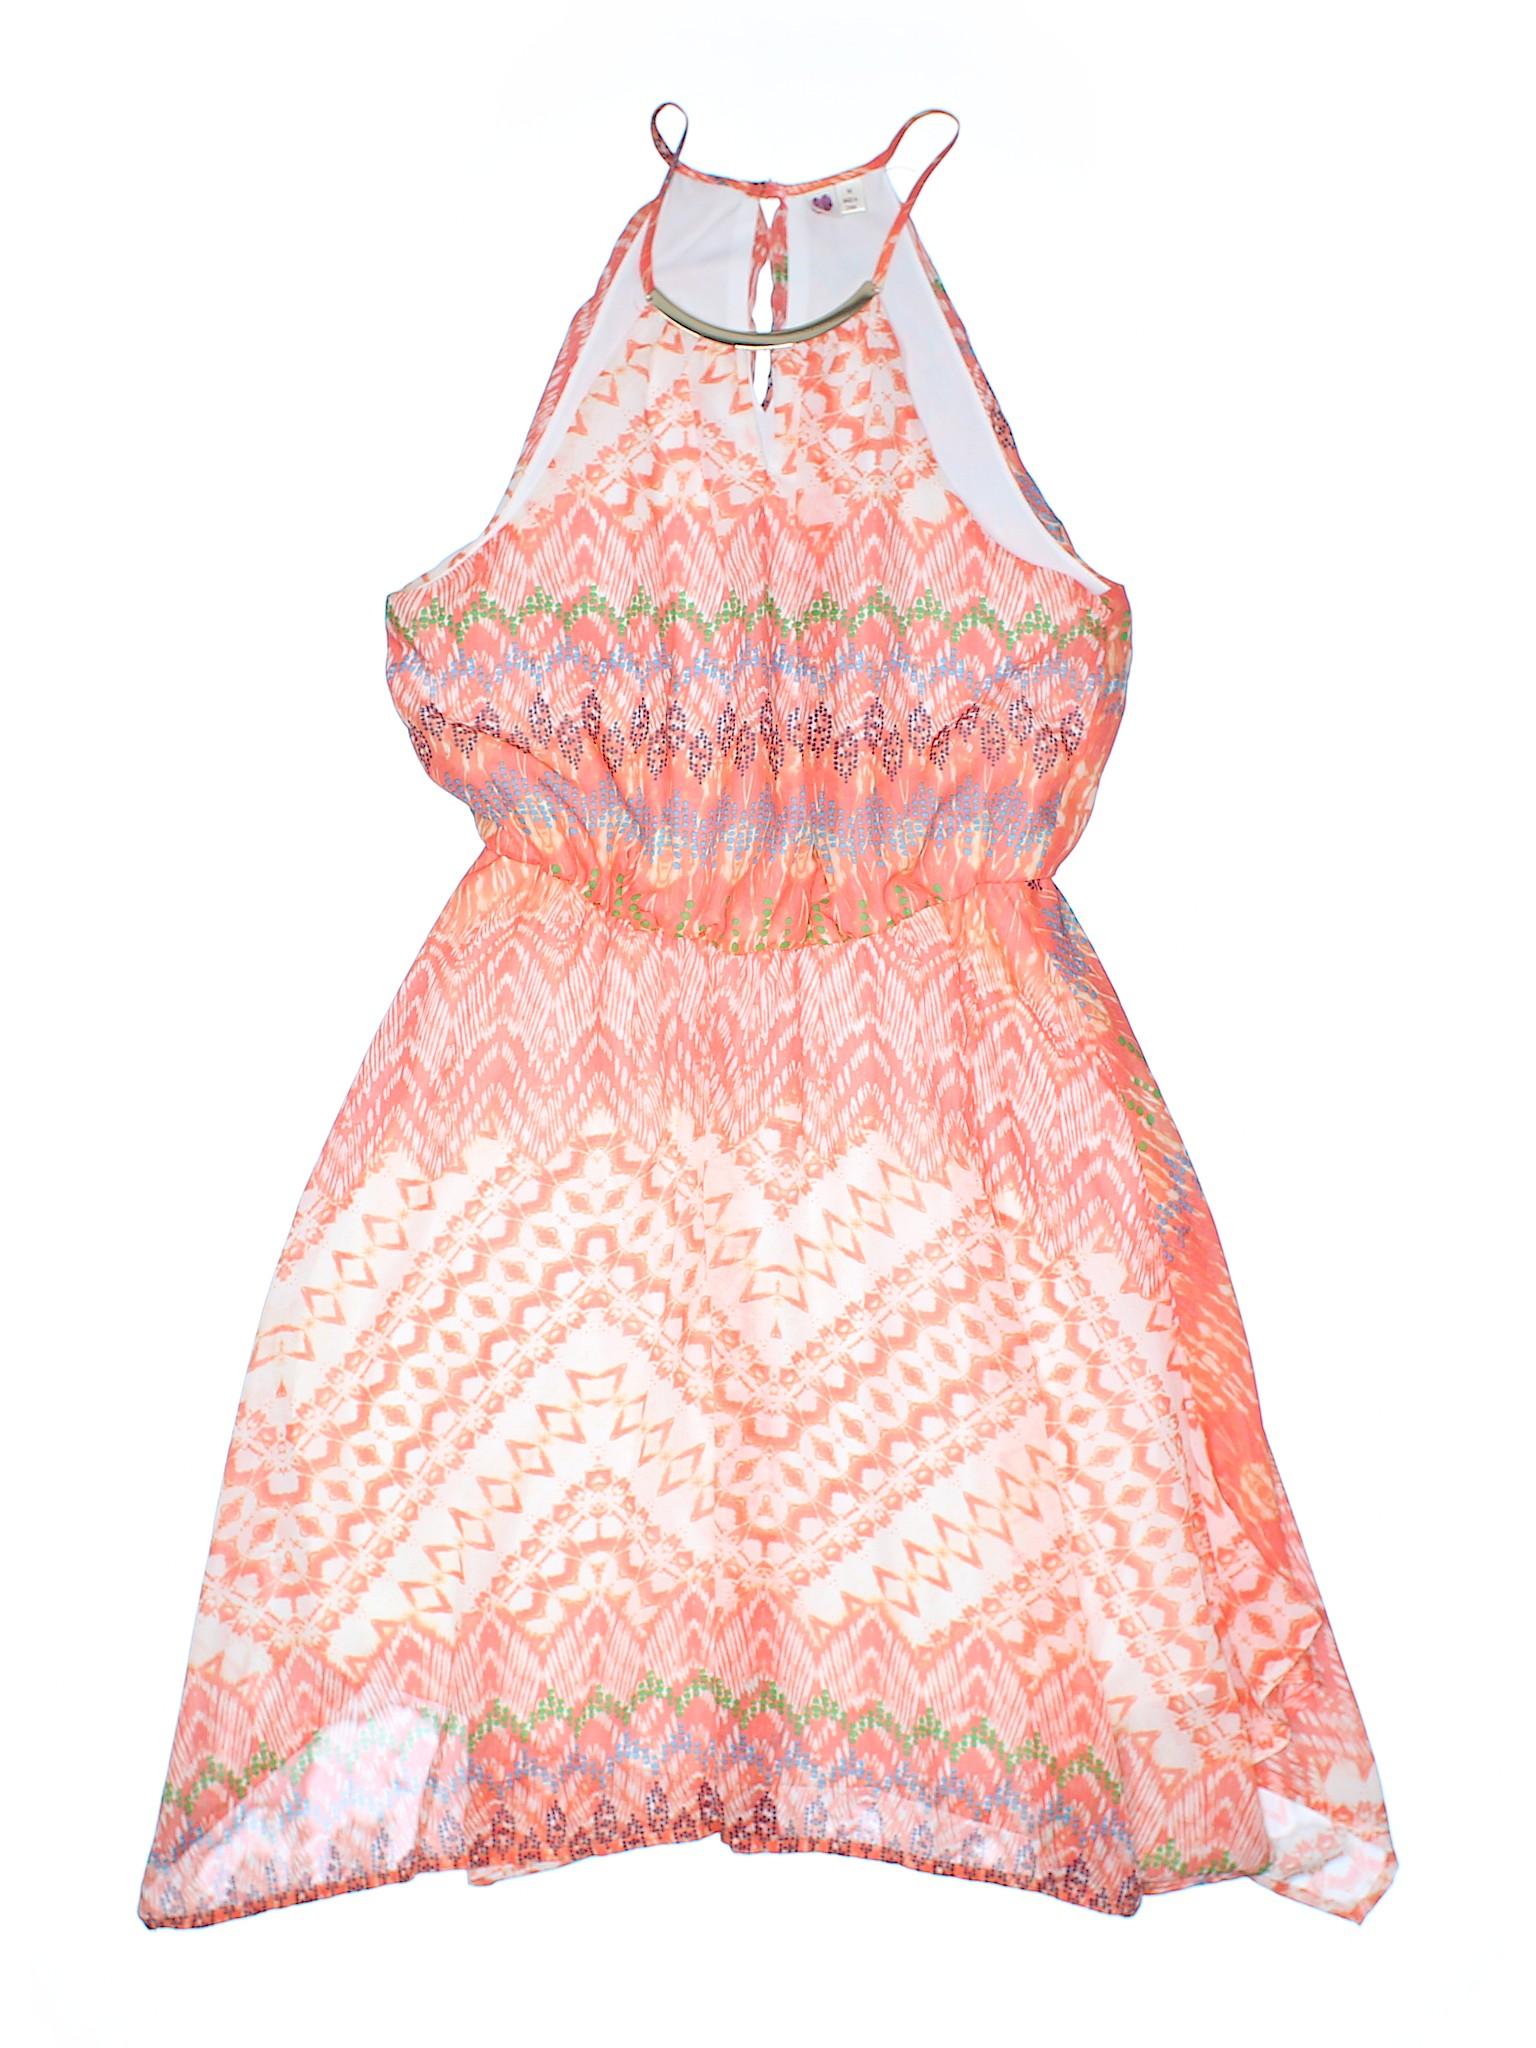 Casual Dress Boutique Boutique winter winter AUW qzBT8vw